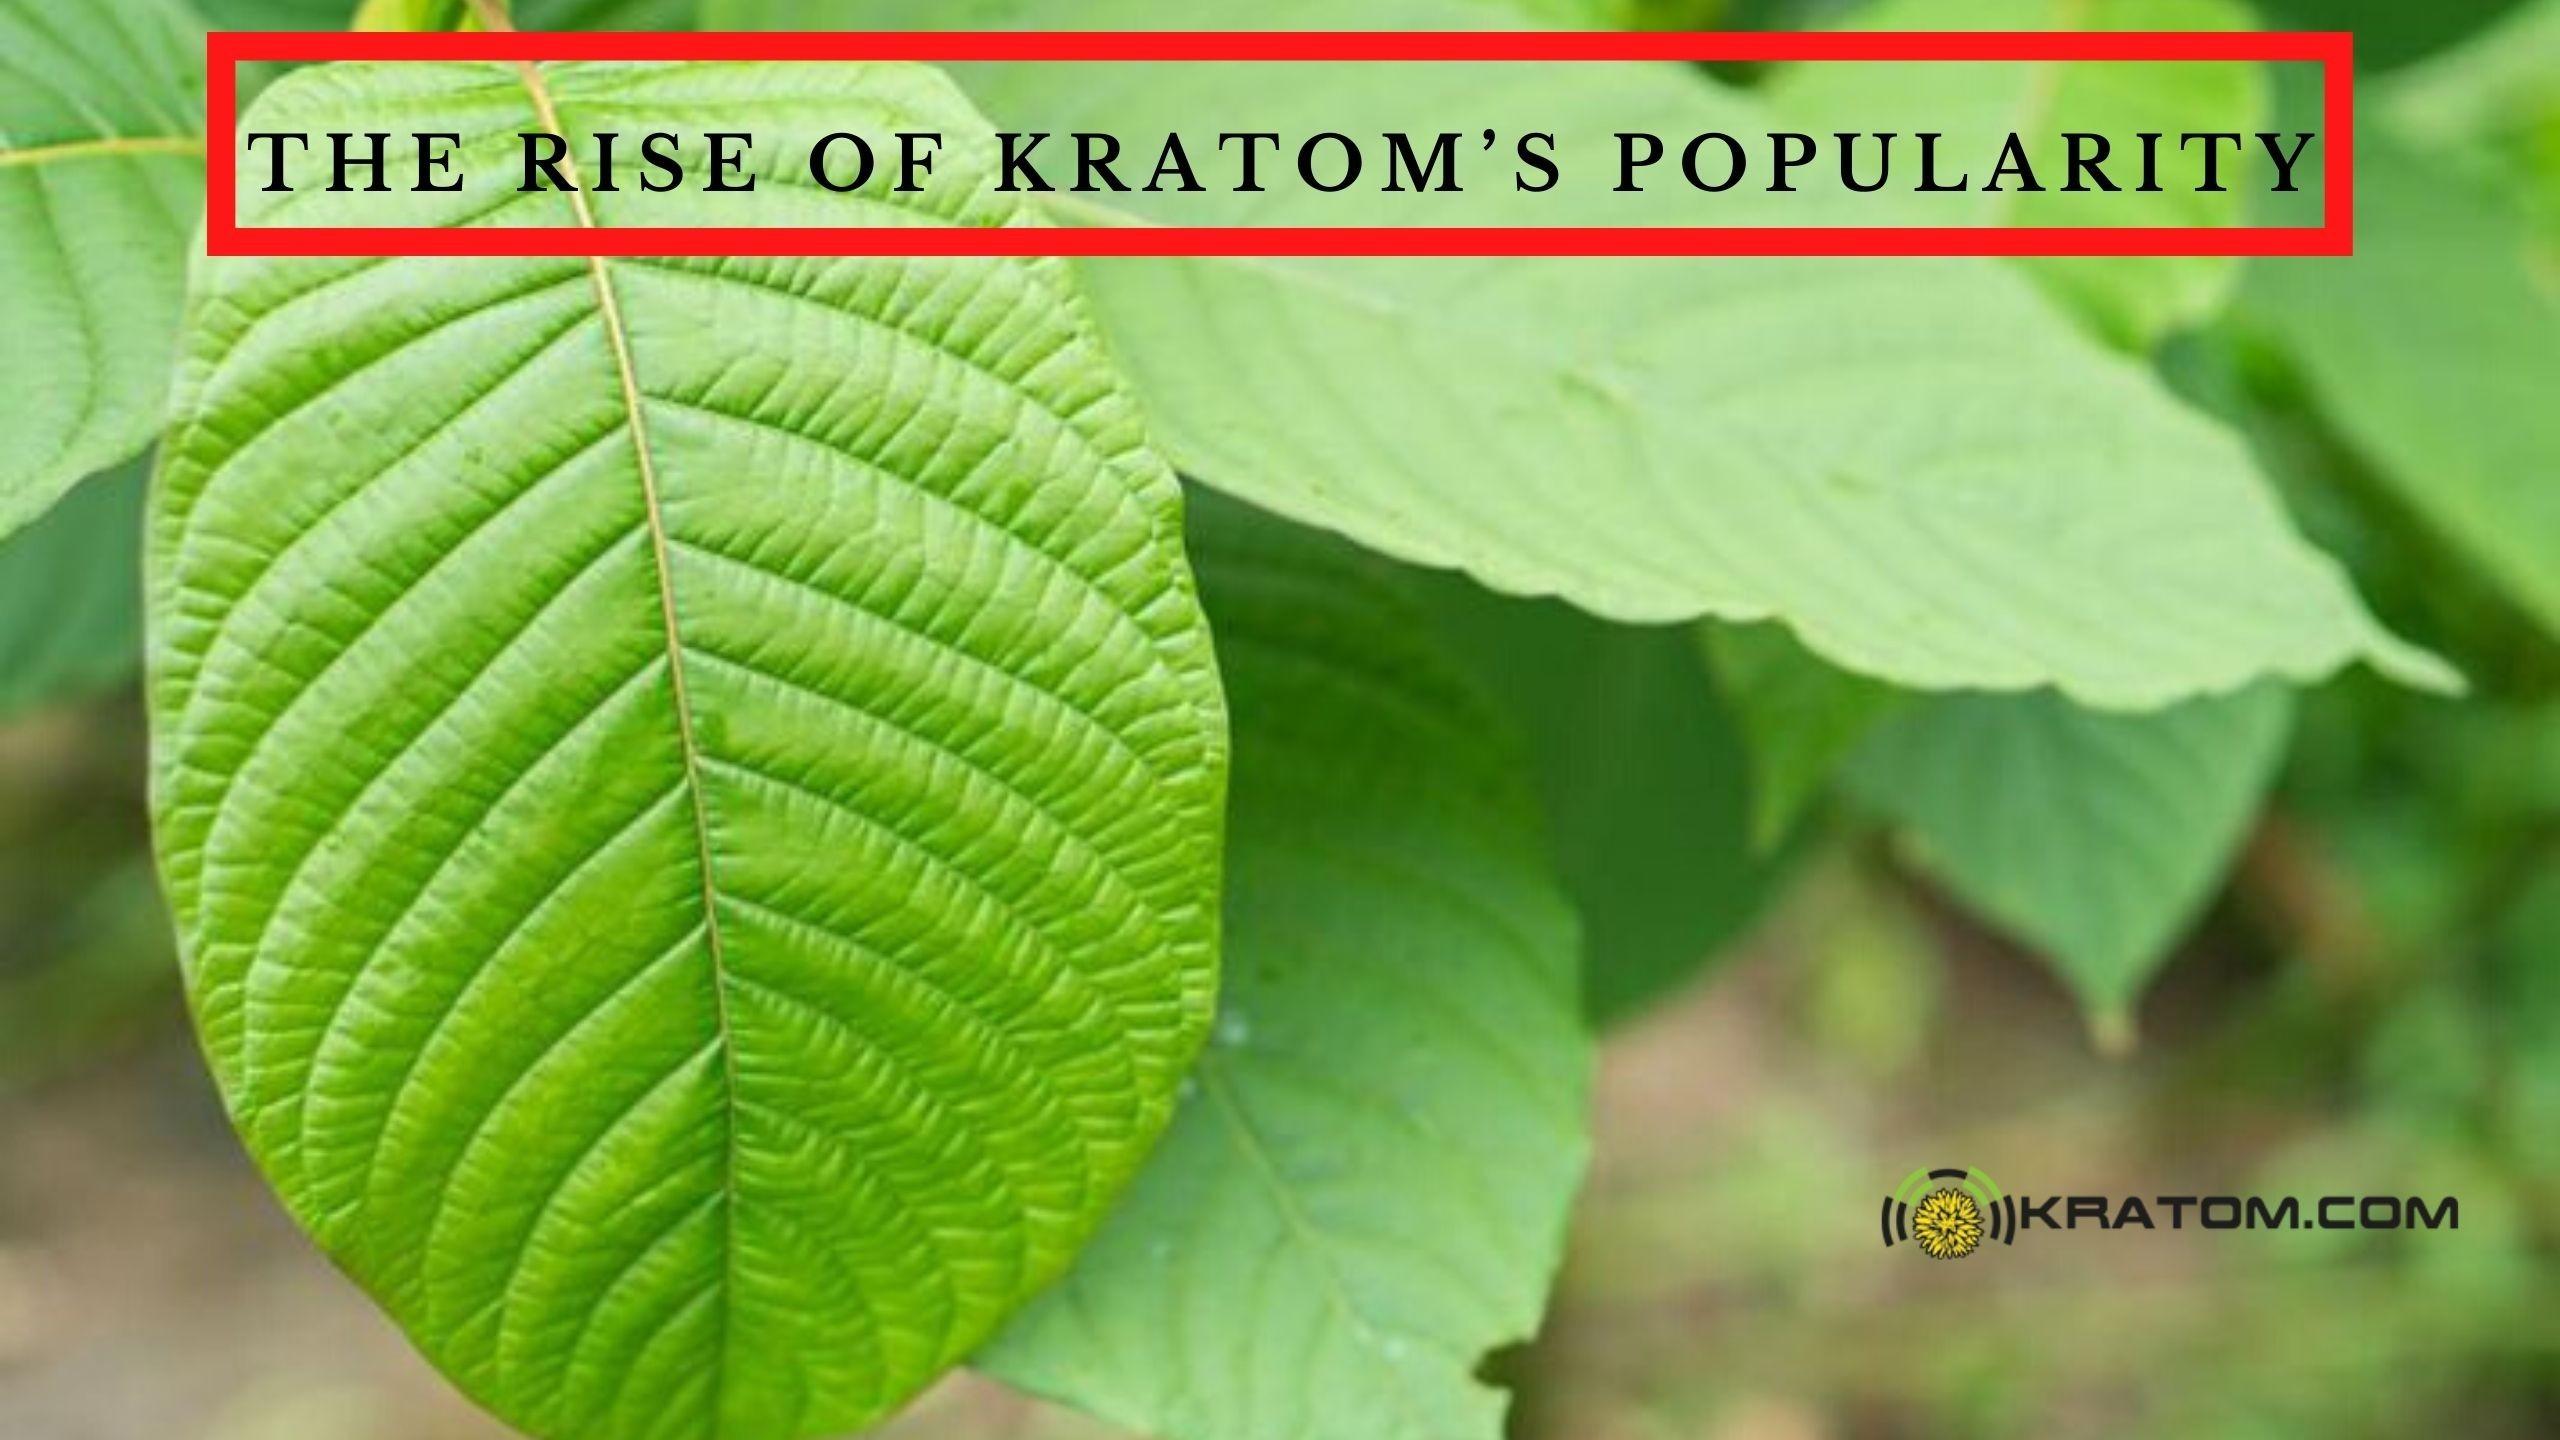 https://kratom.com/en/trending/the-rise-of-kratoms-popularity/21-07-2020